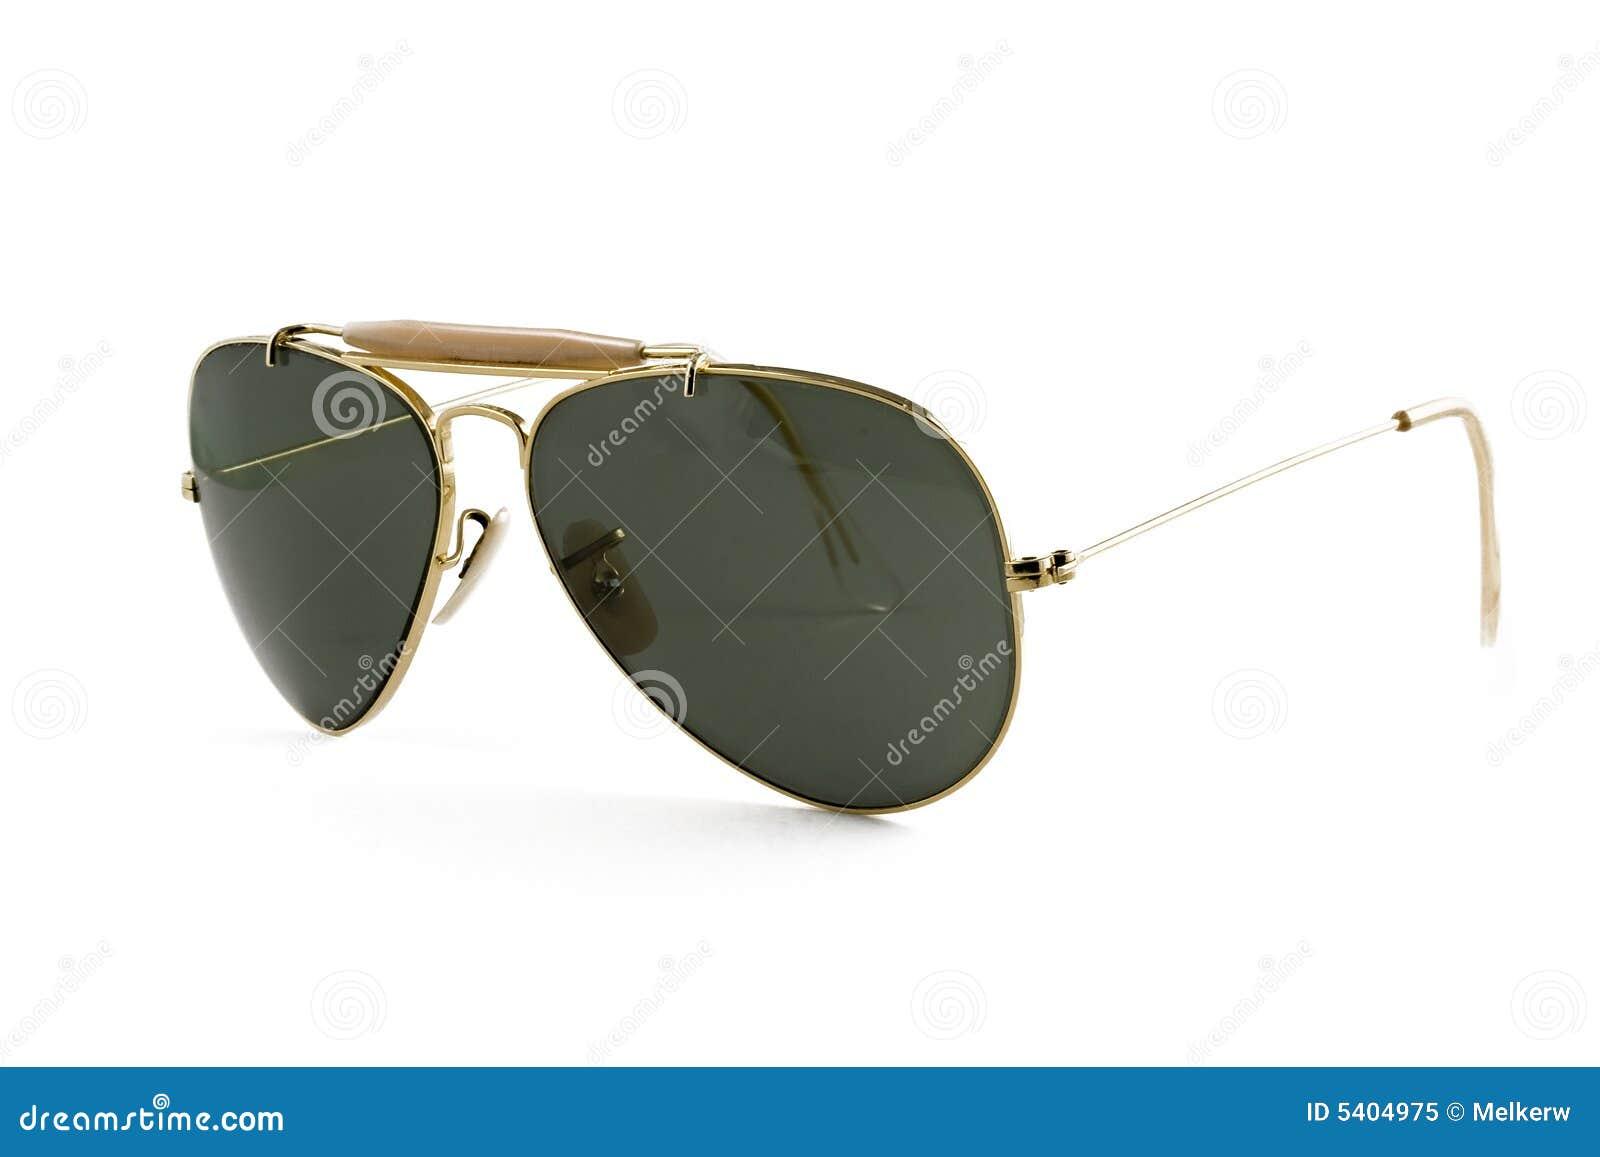 4582e12632773 Estilo Do Aviador Dos óculos De Sol Isolado No Branco Imagem de ...